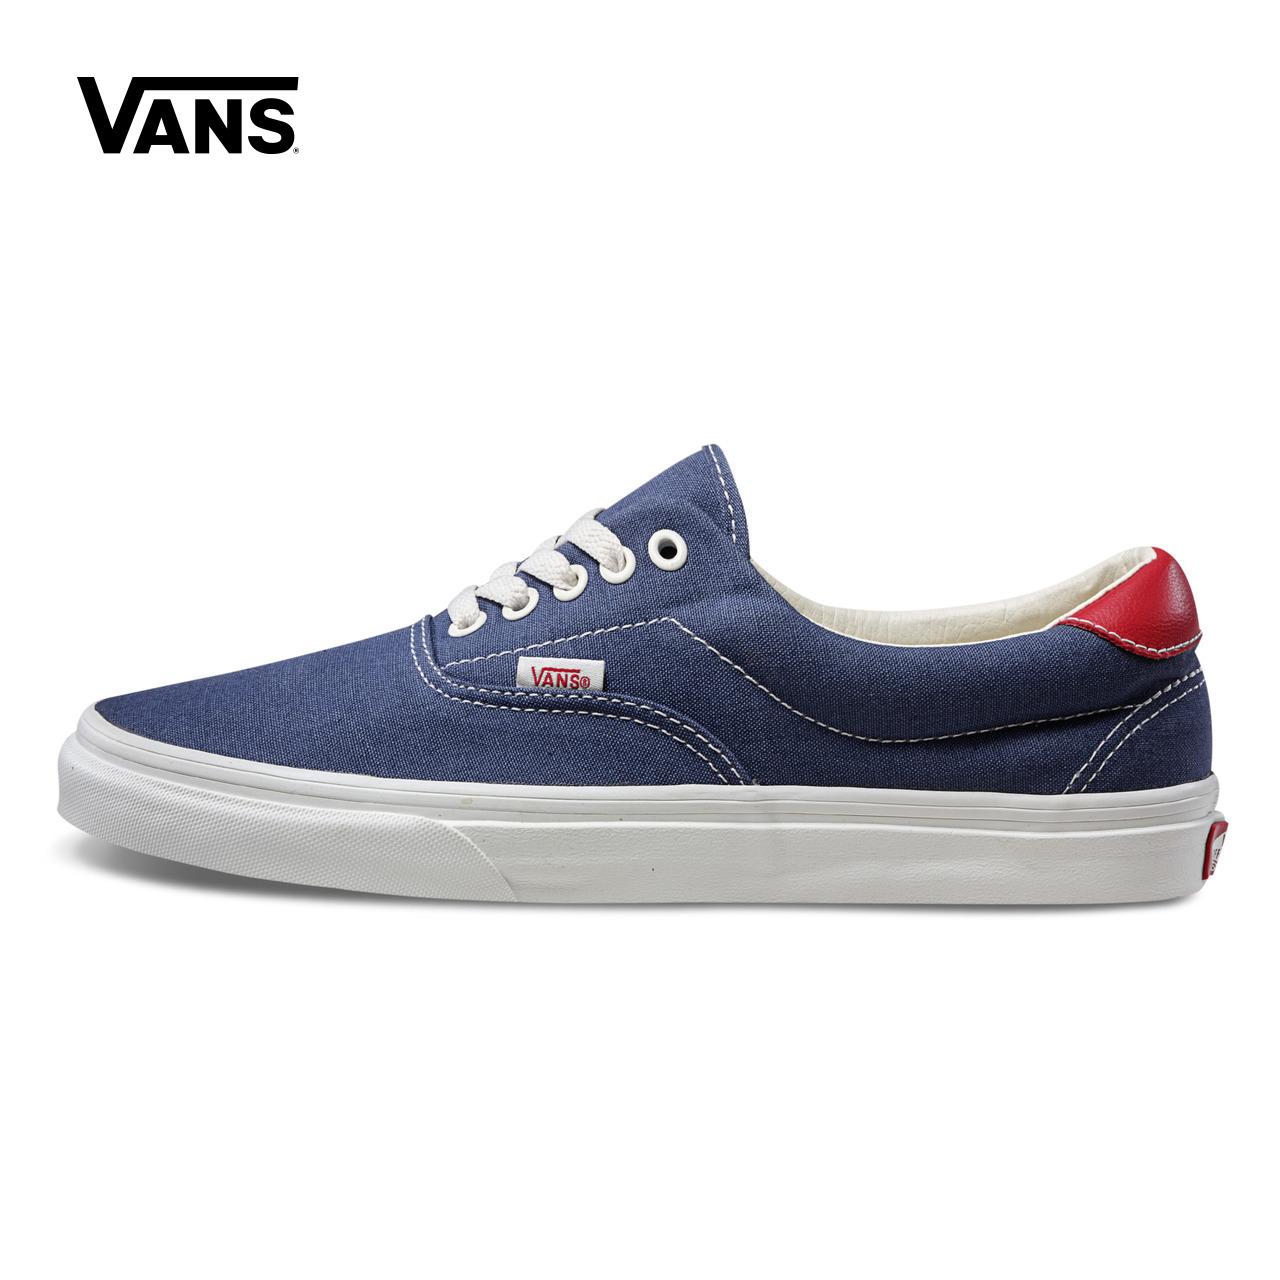 Vans 范斯官方男女款ERA板鞋|VN0A38FSQKJ-QKK